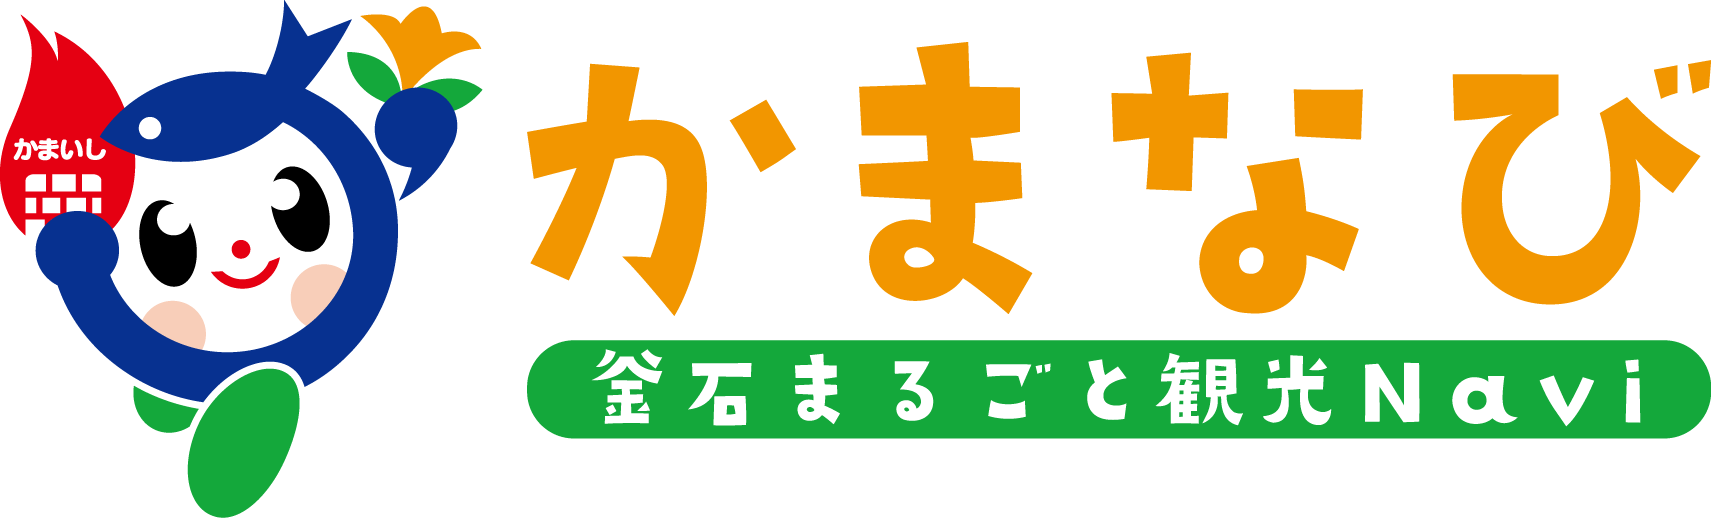 【かまなび】釜石観光物産協会公式サイト